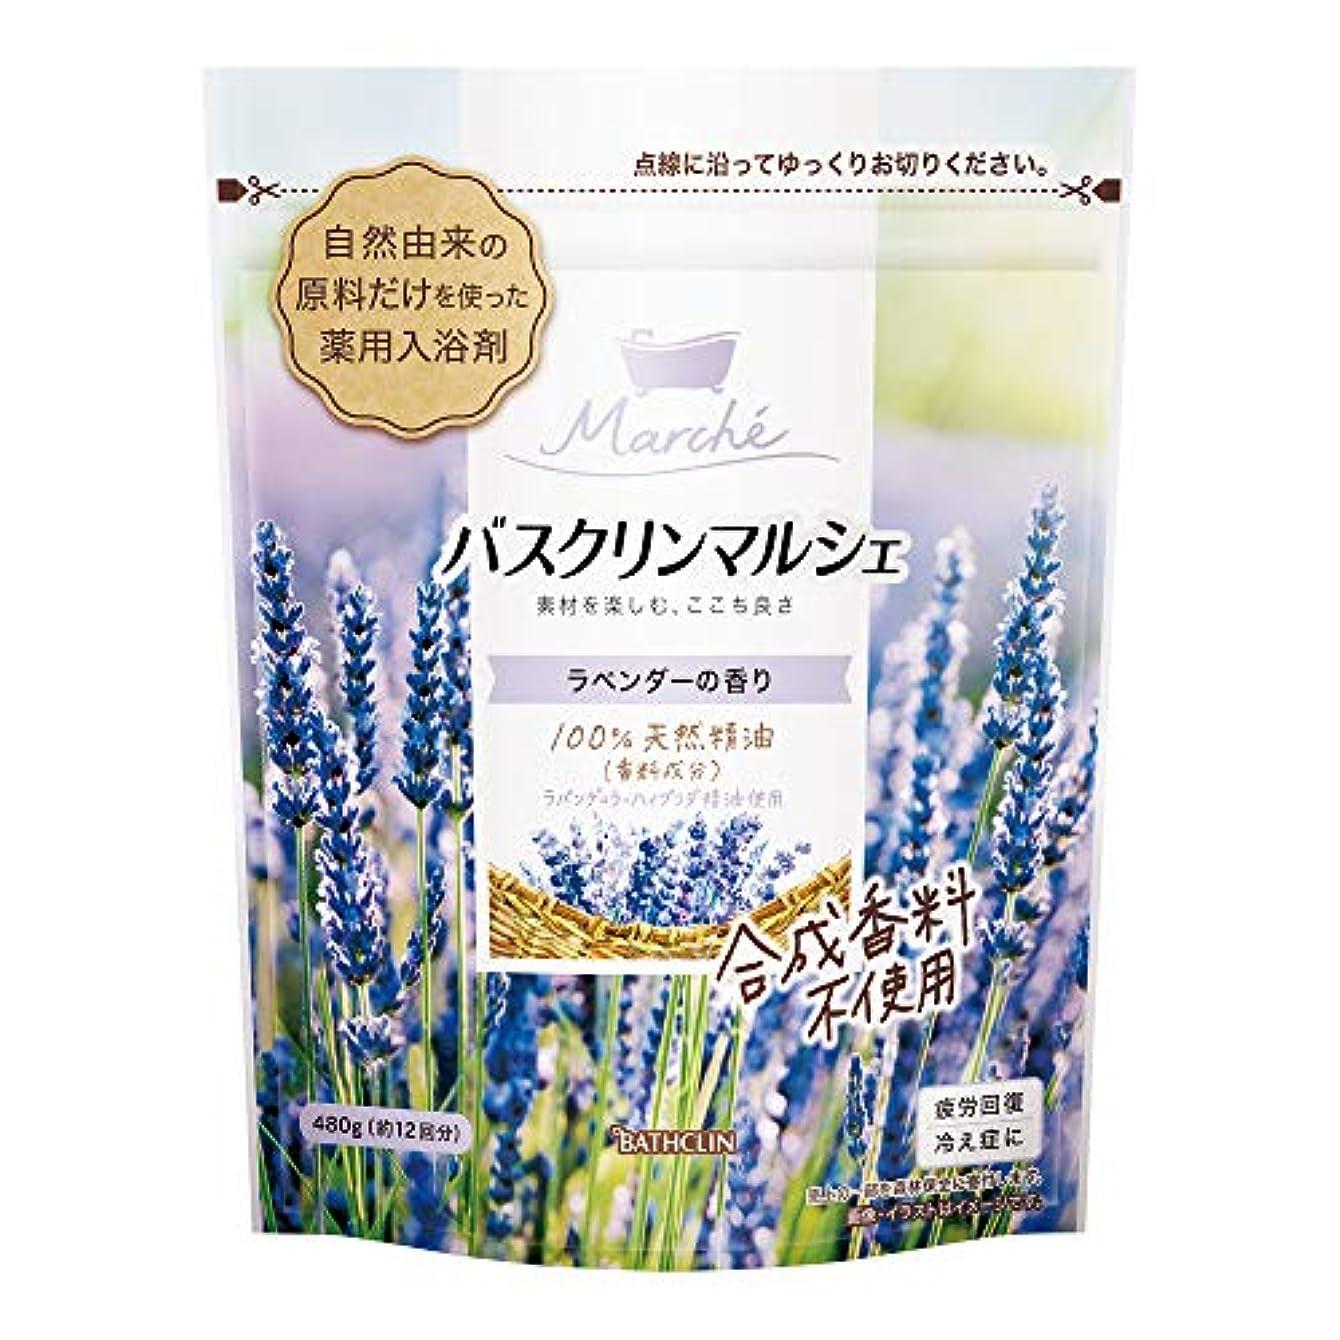 服揮発性揮発性【医薬部外品/合成香料無添加】バスクリン 入浴剤 マルシェ ラベンダーの香り480g自然派ほのかなやさしい香り